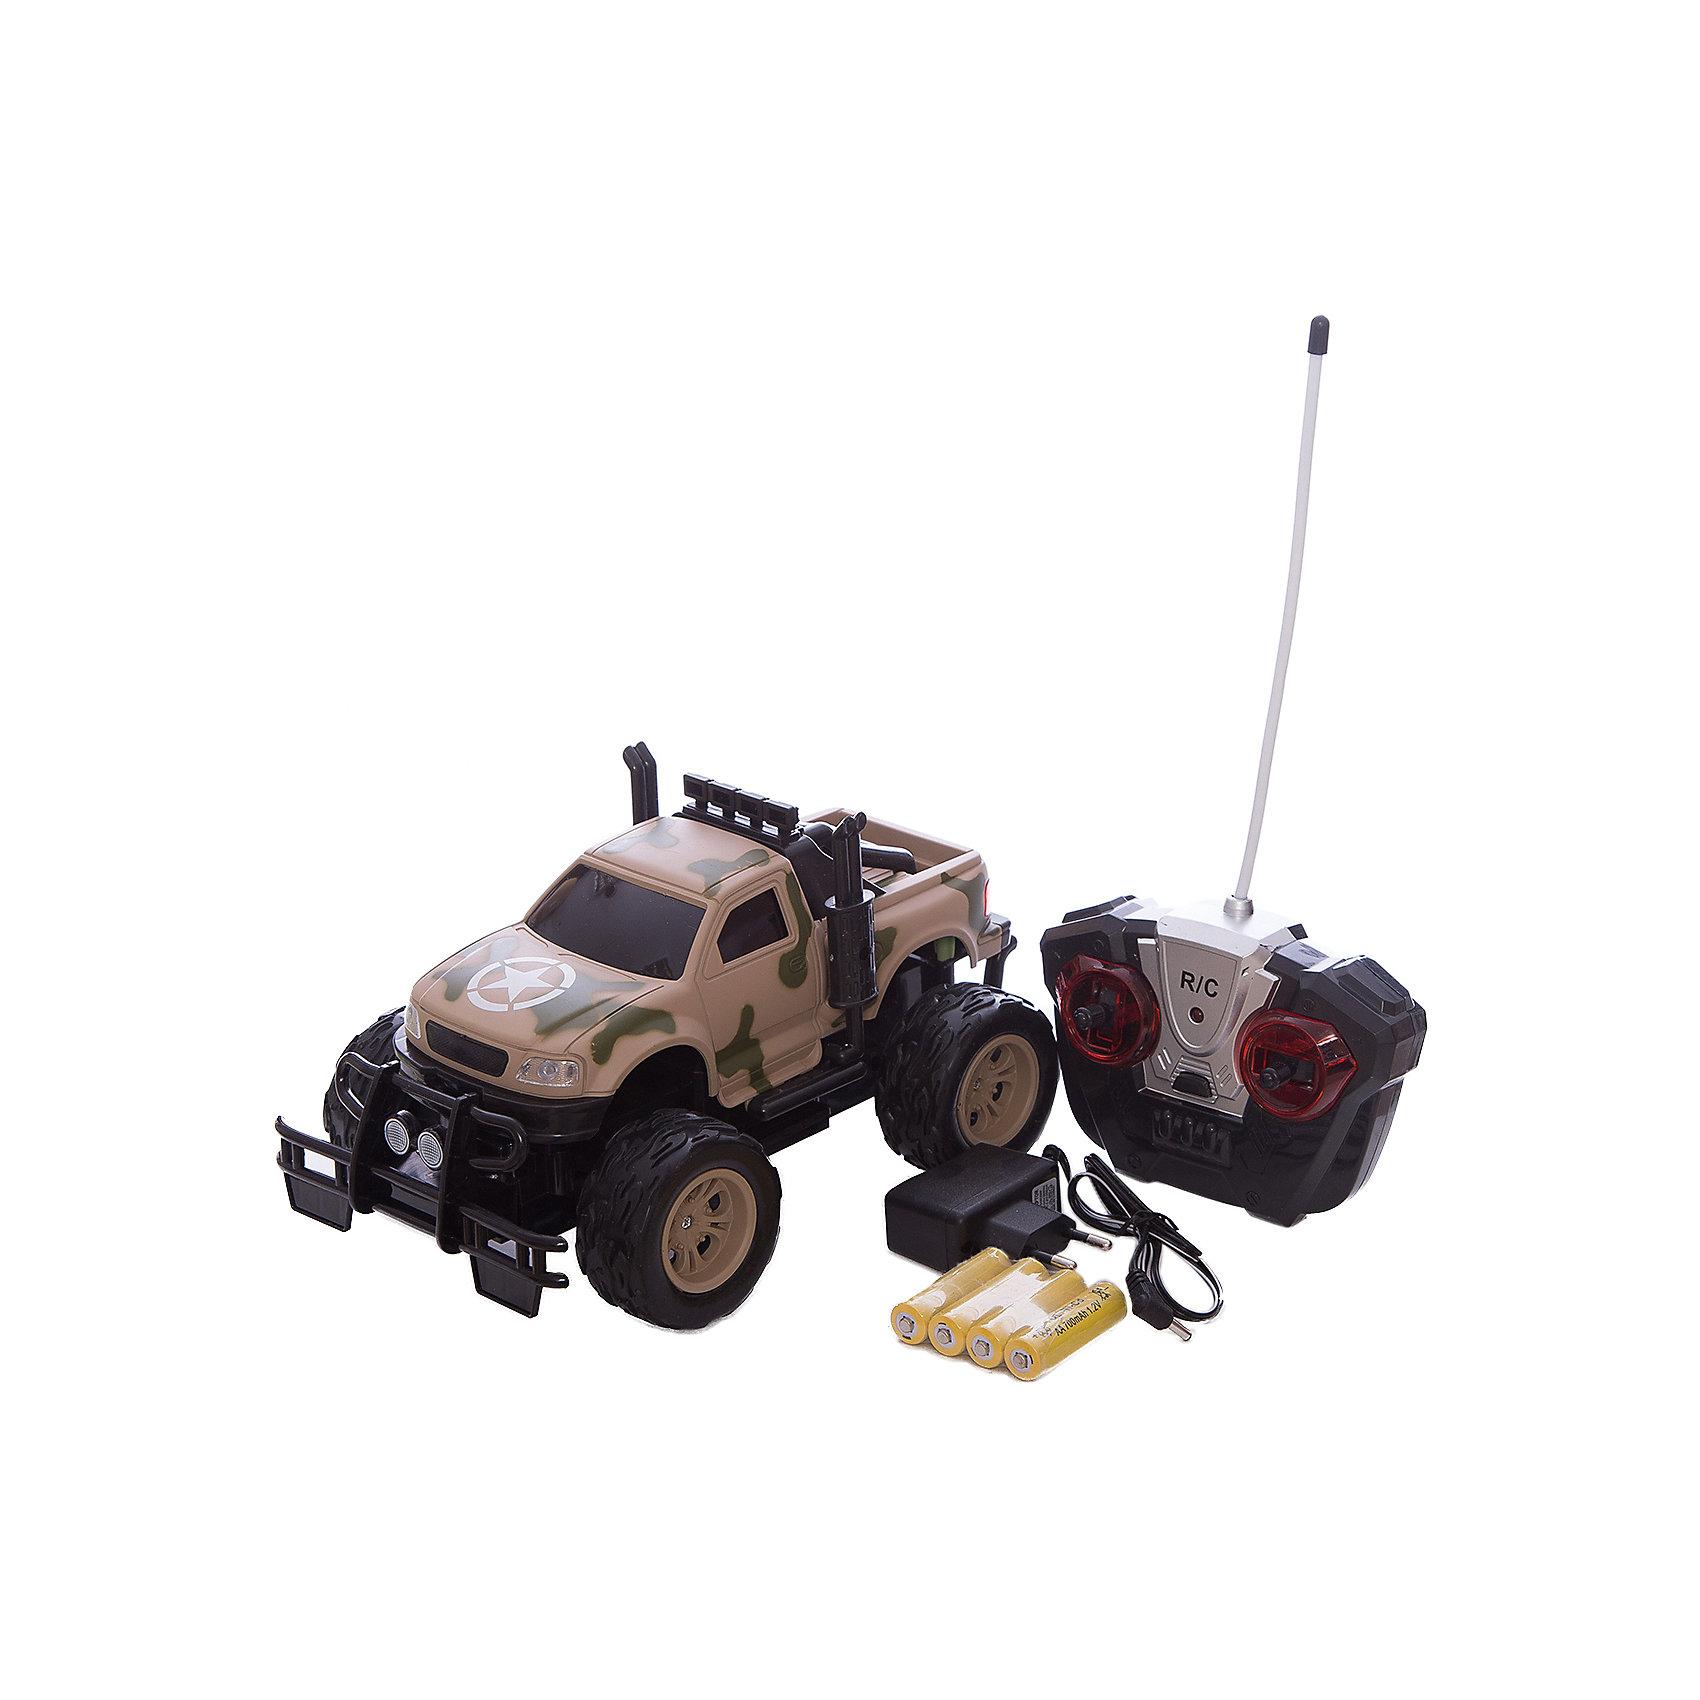 Радиоуправляемая машинка Yako Toys Военный джипРадиоуправляемые машины<br>Размер машинки:Ширина - 25 Глубина - 15 Высота - 15,5<br>В комплект входит 4 аккумуляторные батарейки 1,2V АА.В пульт необходимы 2 батарейки 1,5V АА (в комплект не входят).Возраст +6, радиоуправляемая, свет фар.<br><br>Ширина мм: 330<br>Глубина мм: 190<br>Высота мм: 180<br>Вес г: 1000<br>Возраст от месяцев: 36<br>Возраст до месяцев: 72<br>Пол: Мужской<br>Возраст: Детский<br>SKU: 7172277